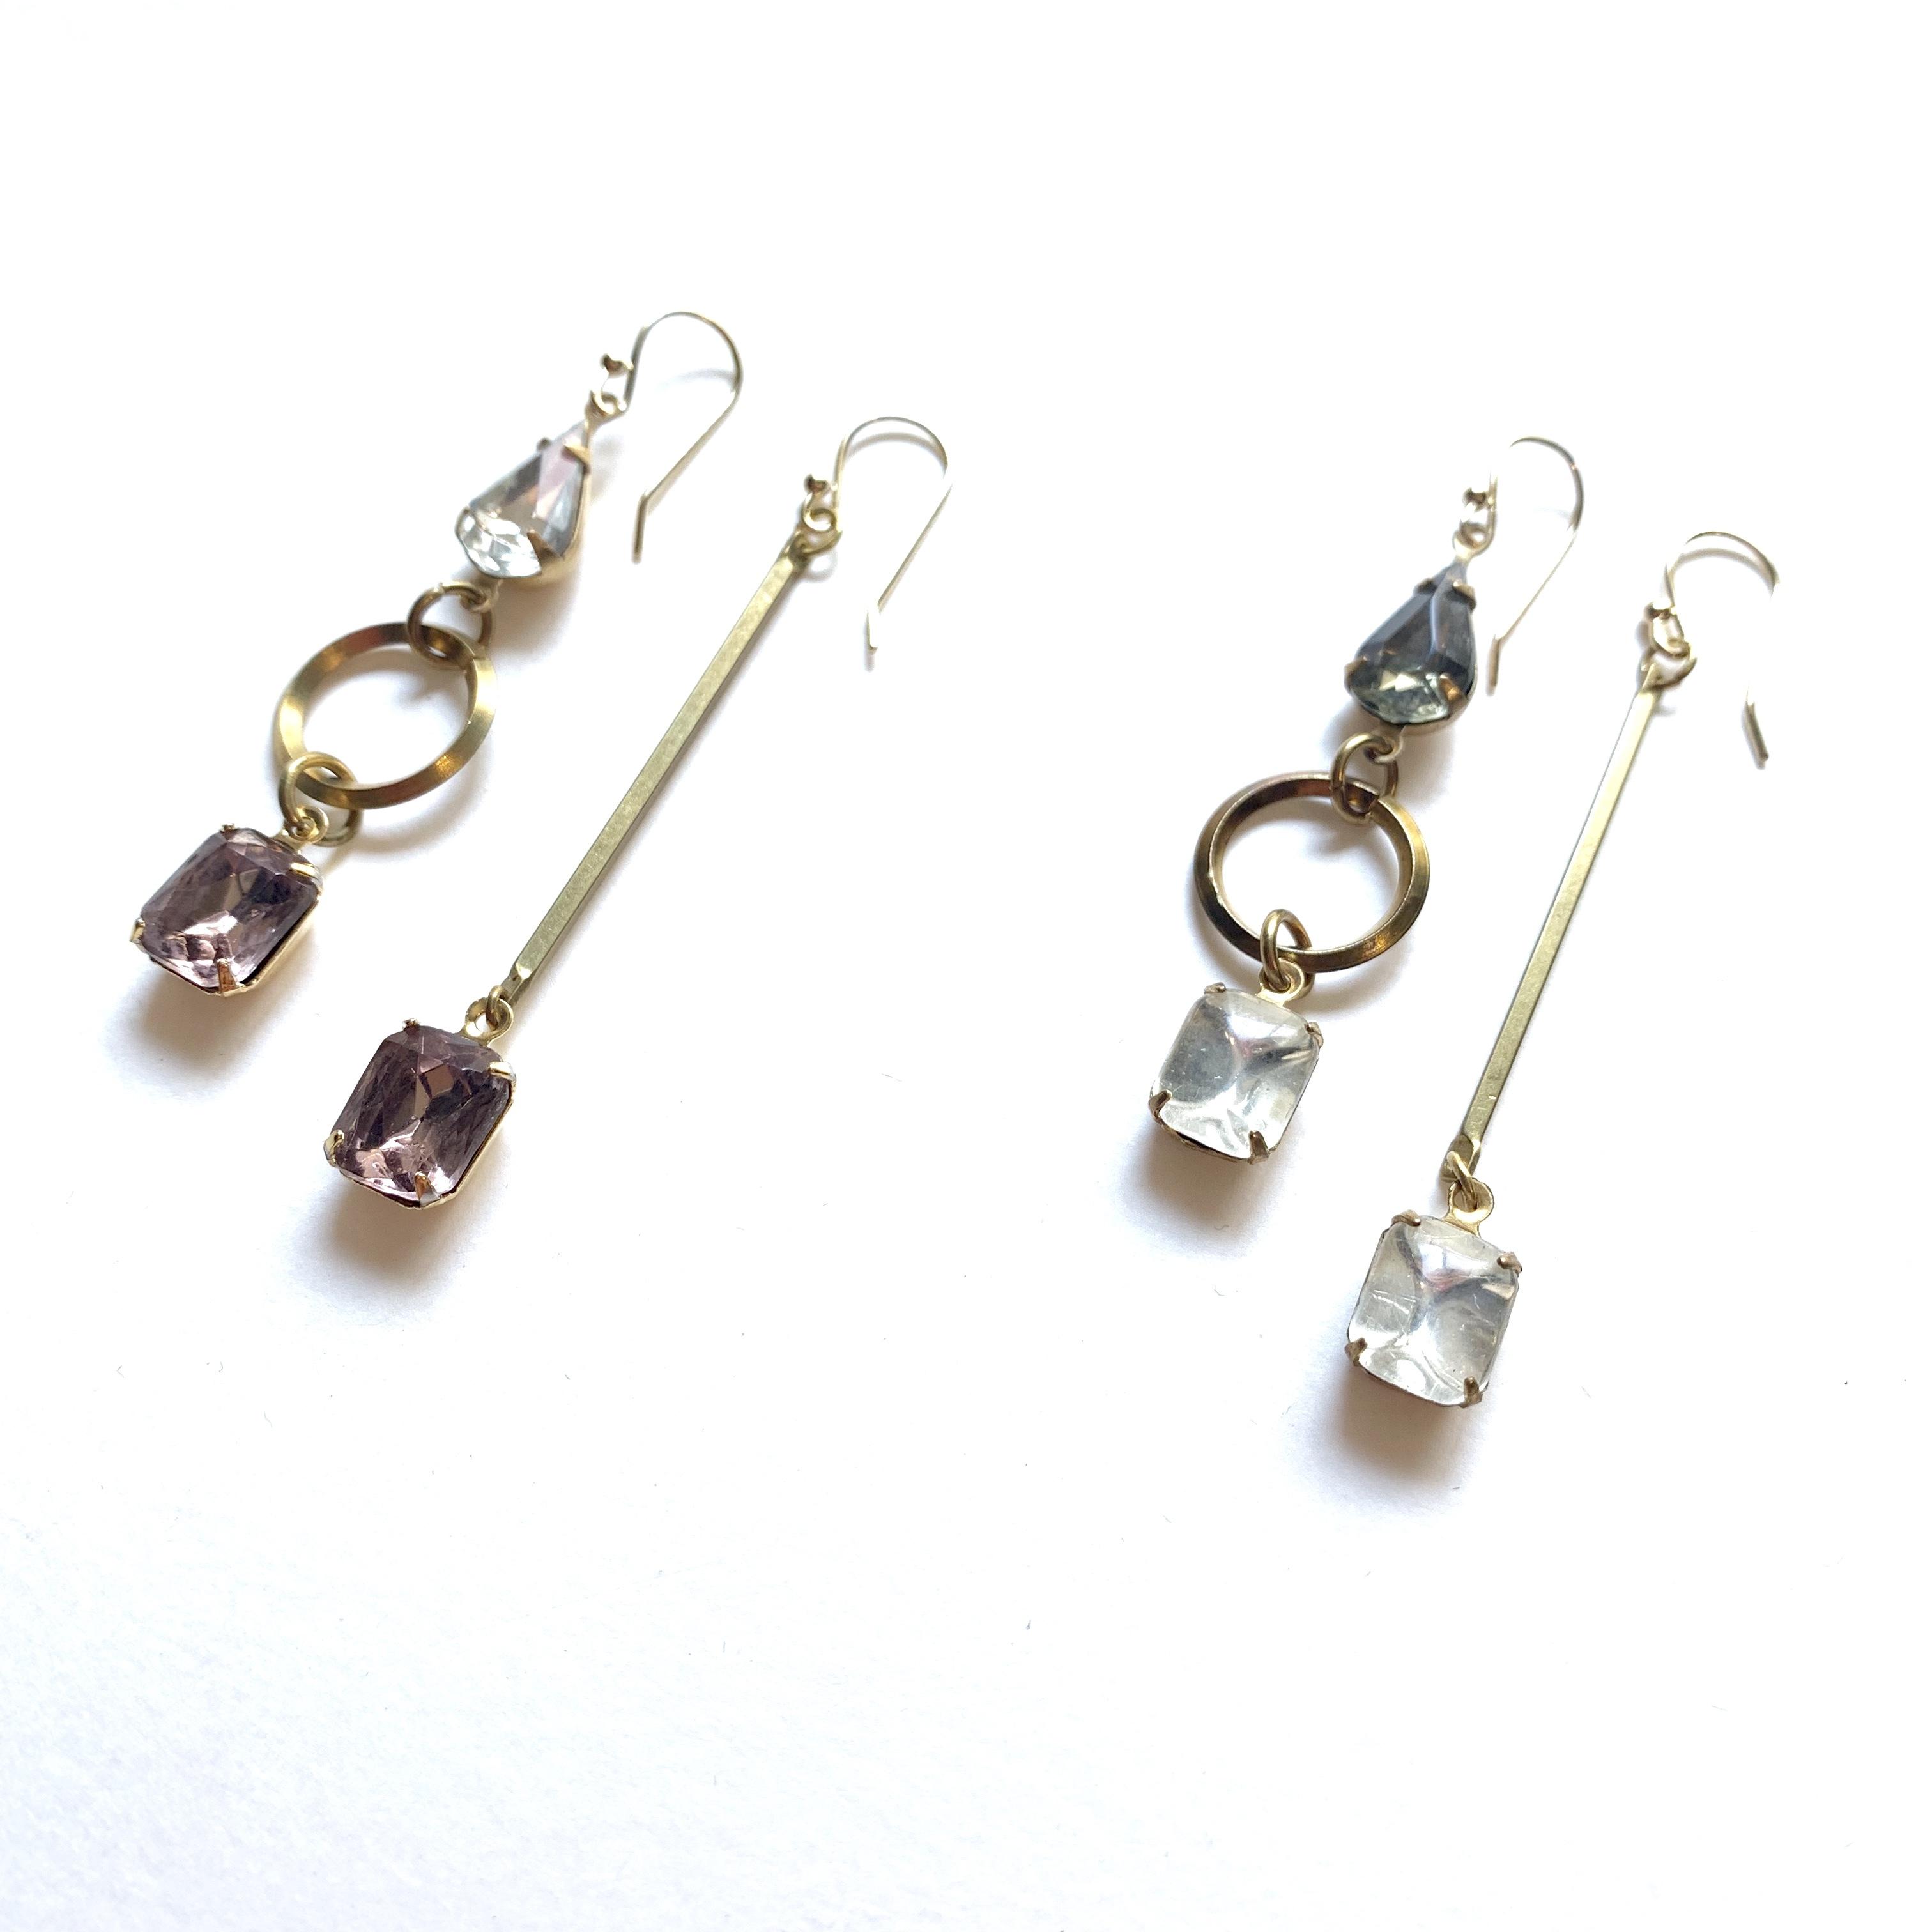 Antique glass drop earrings G-010